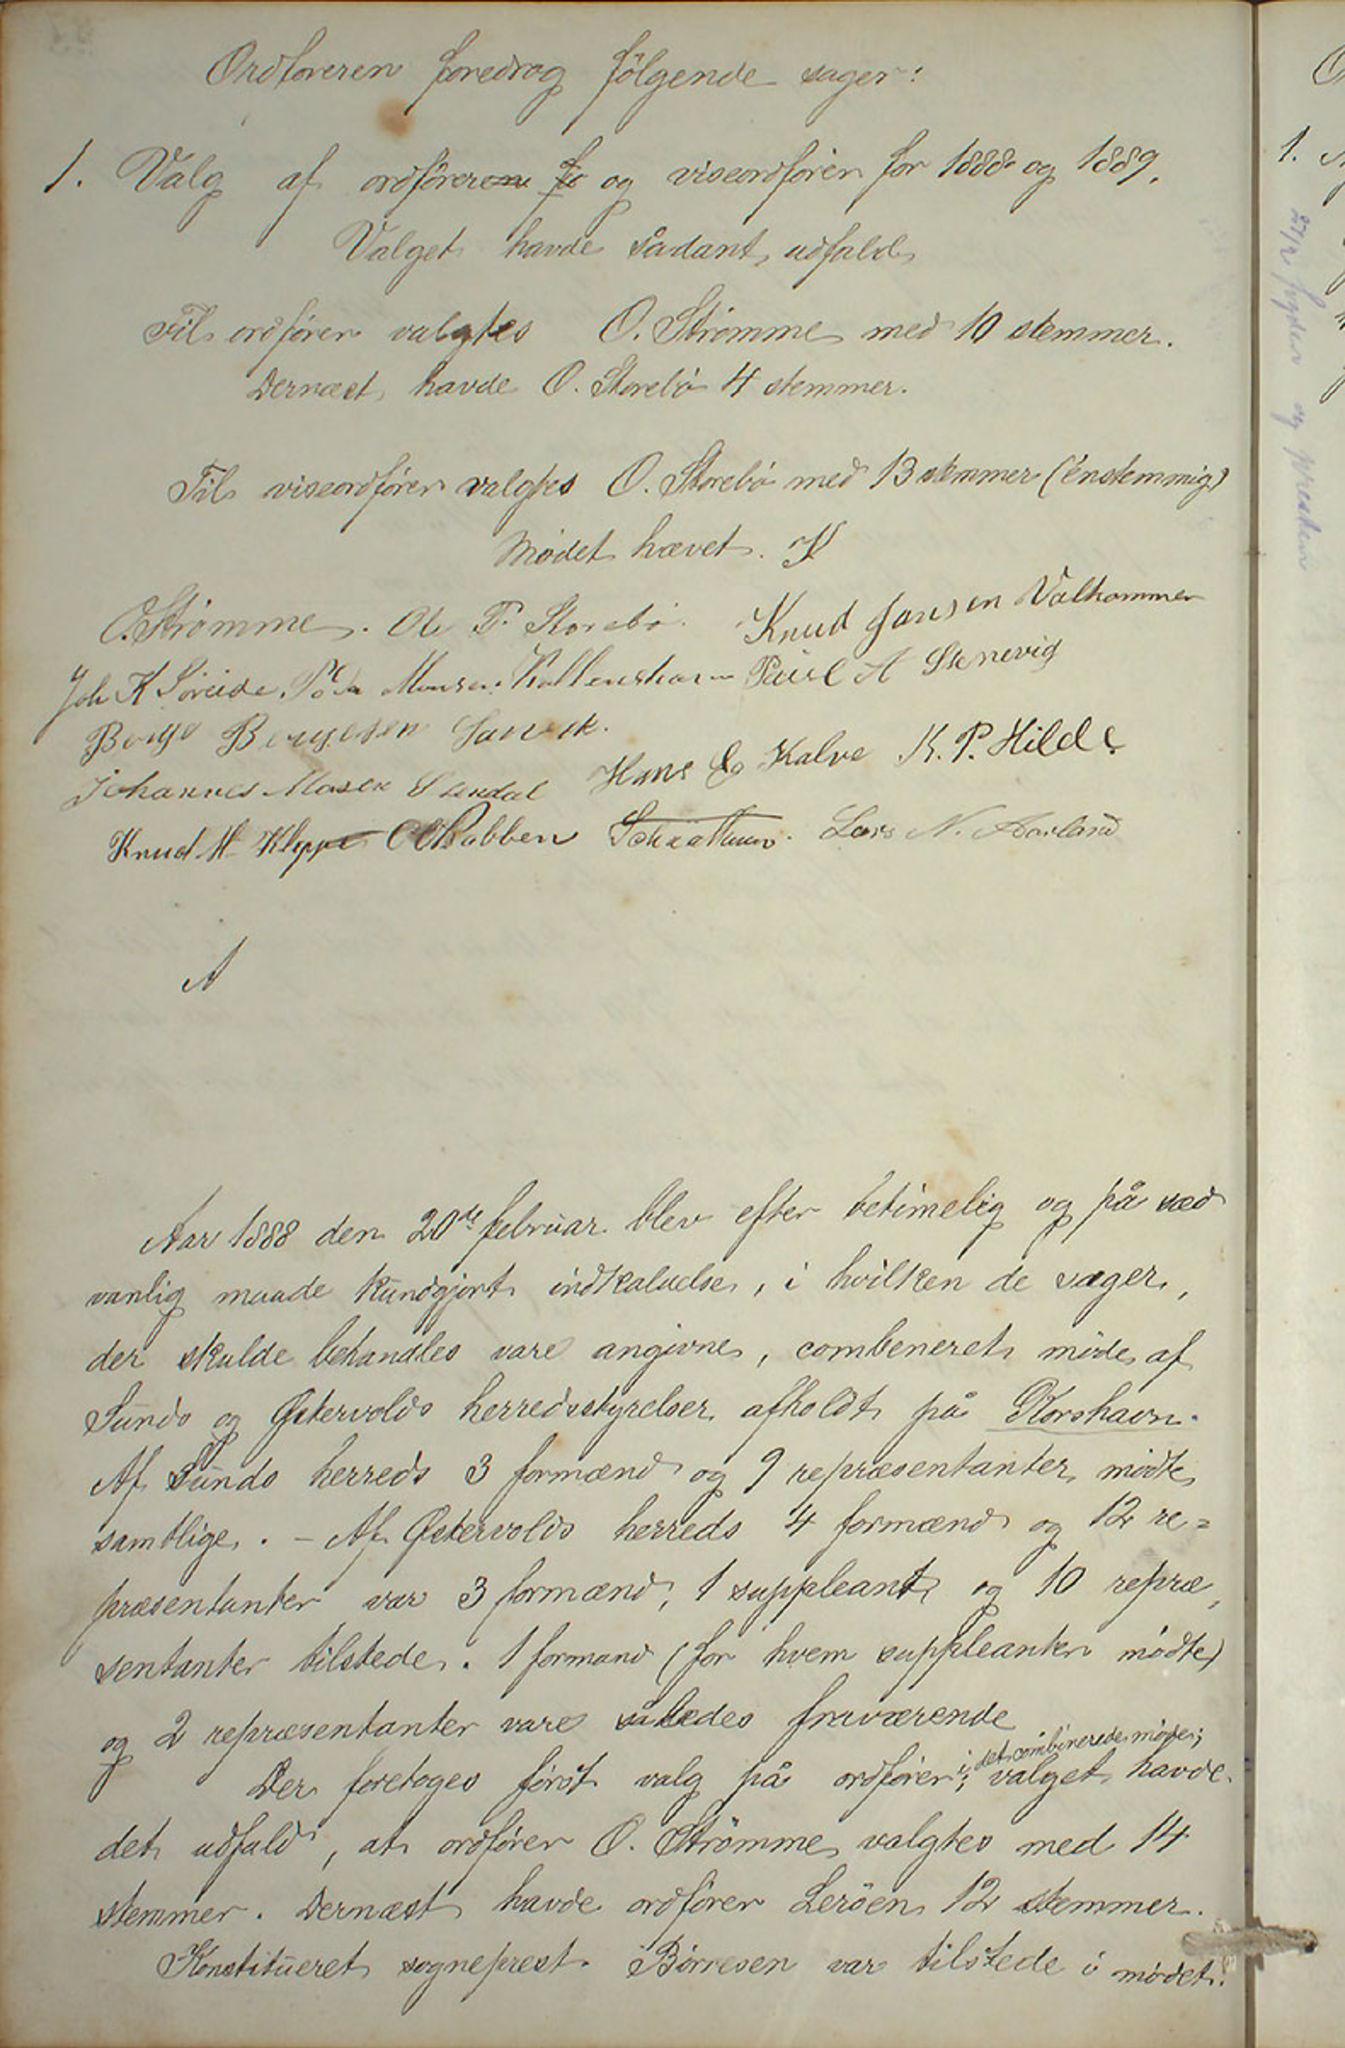 IKAH, Austevoll kommune. Formannskapet, A/Aa/L0001: Østervolds Herredsforhandlings-protokoll, 1886-1900, p. 55